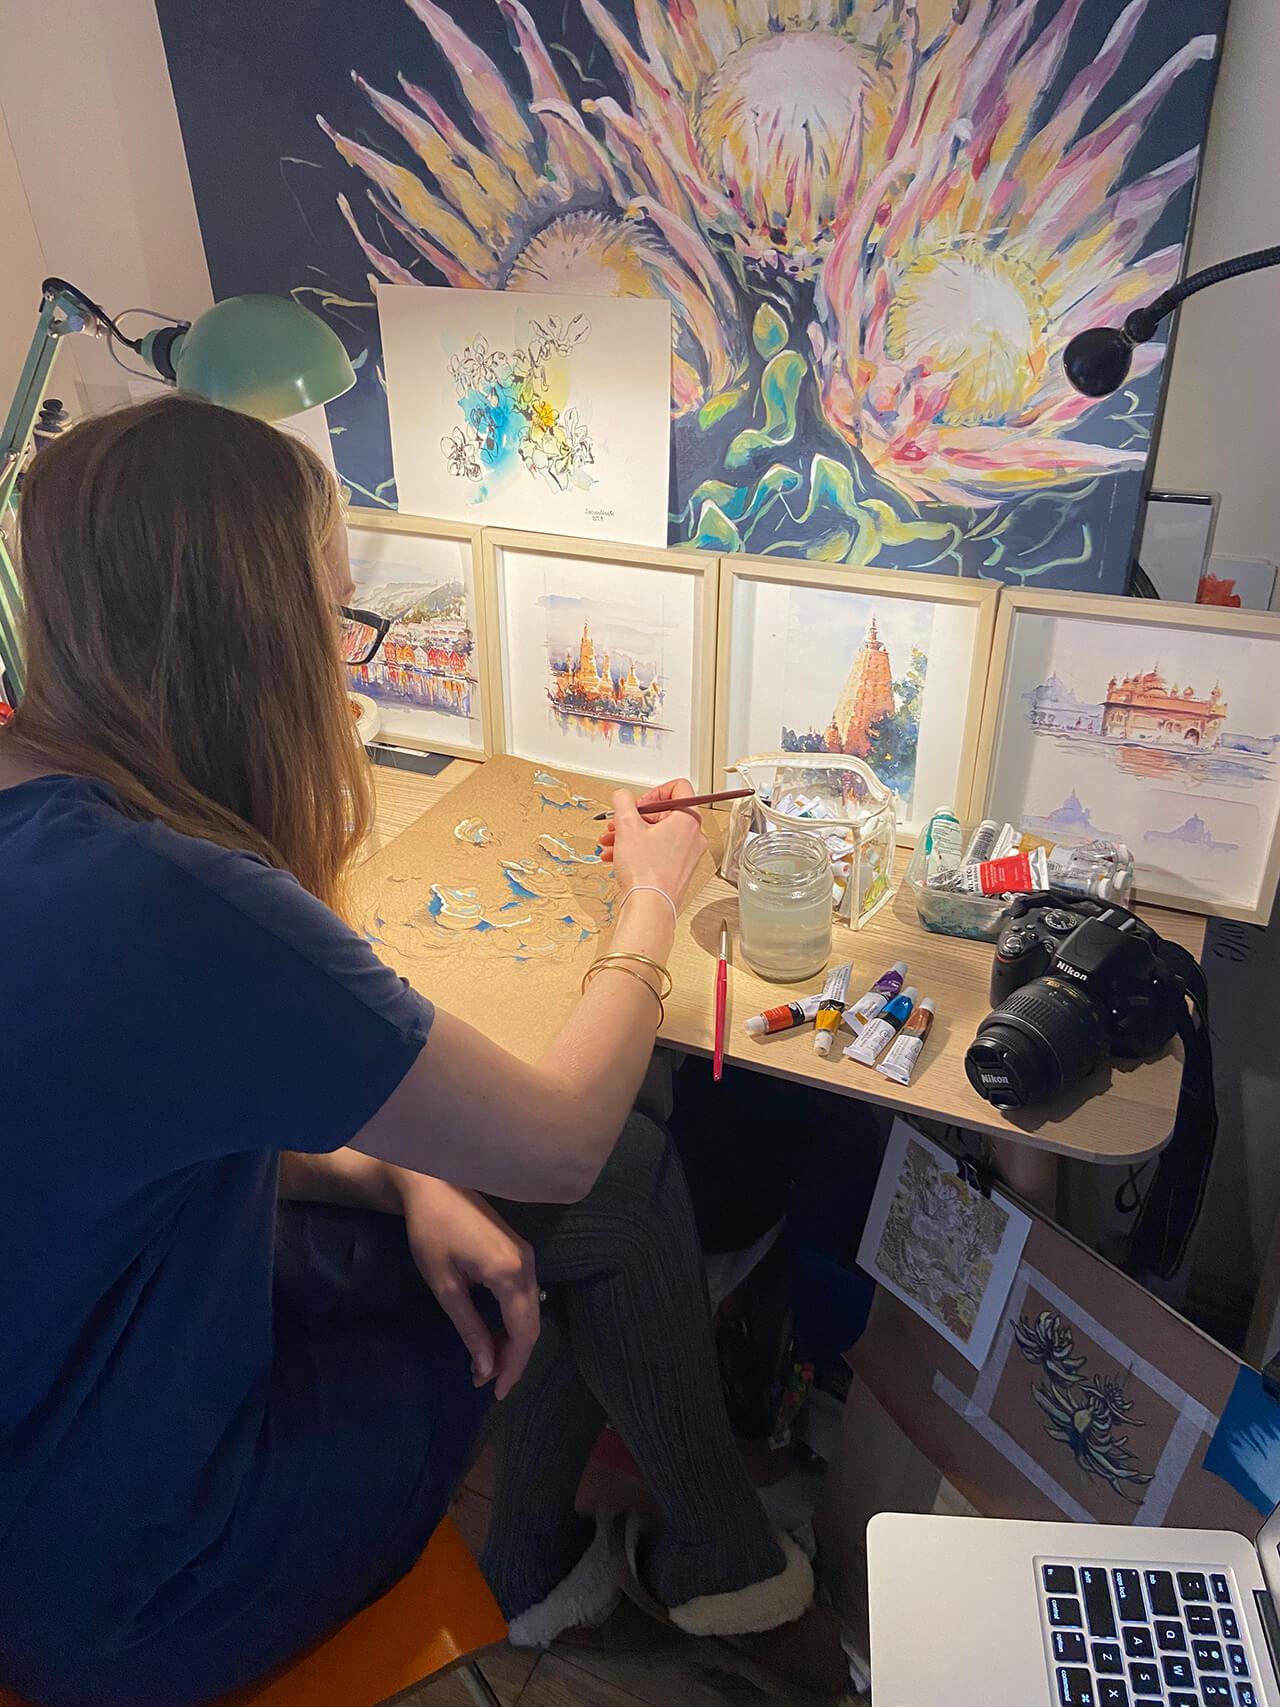 Laura Nicholson - profile picture